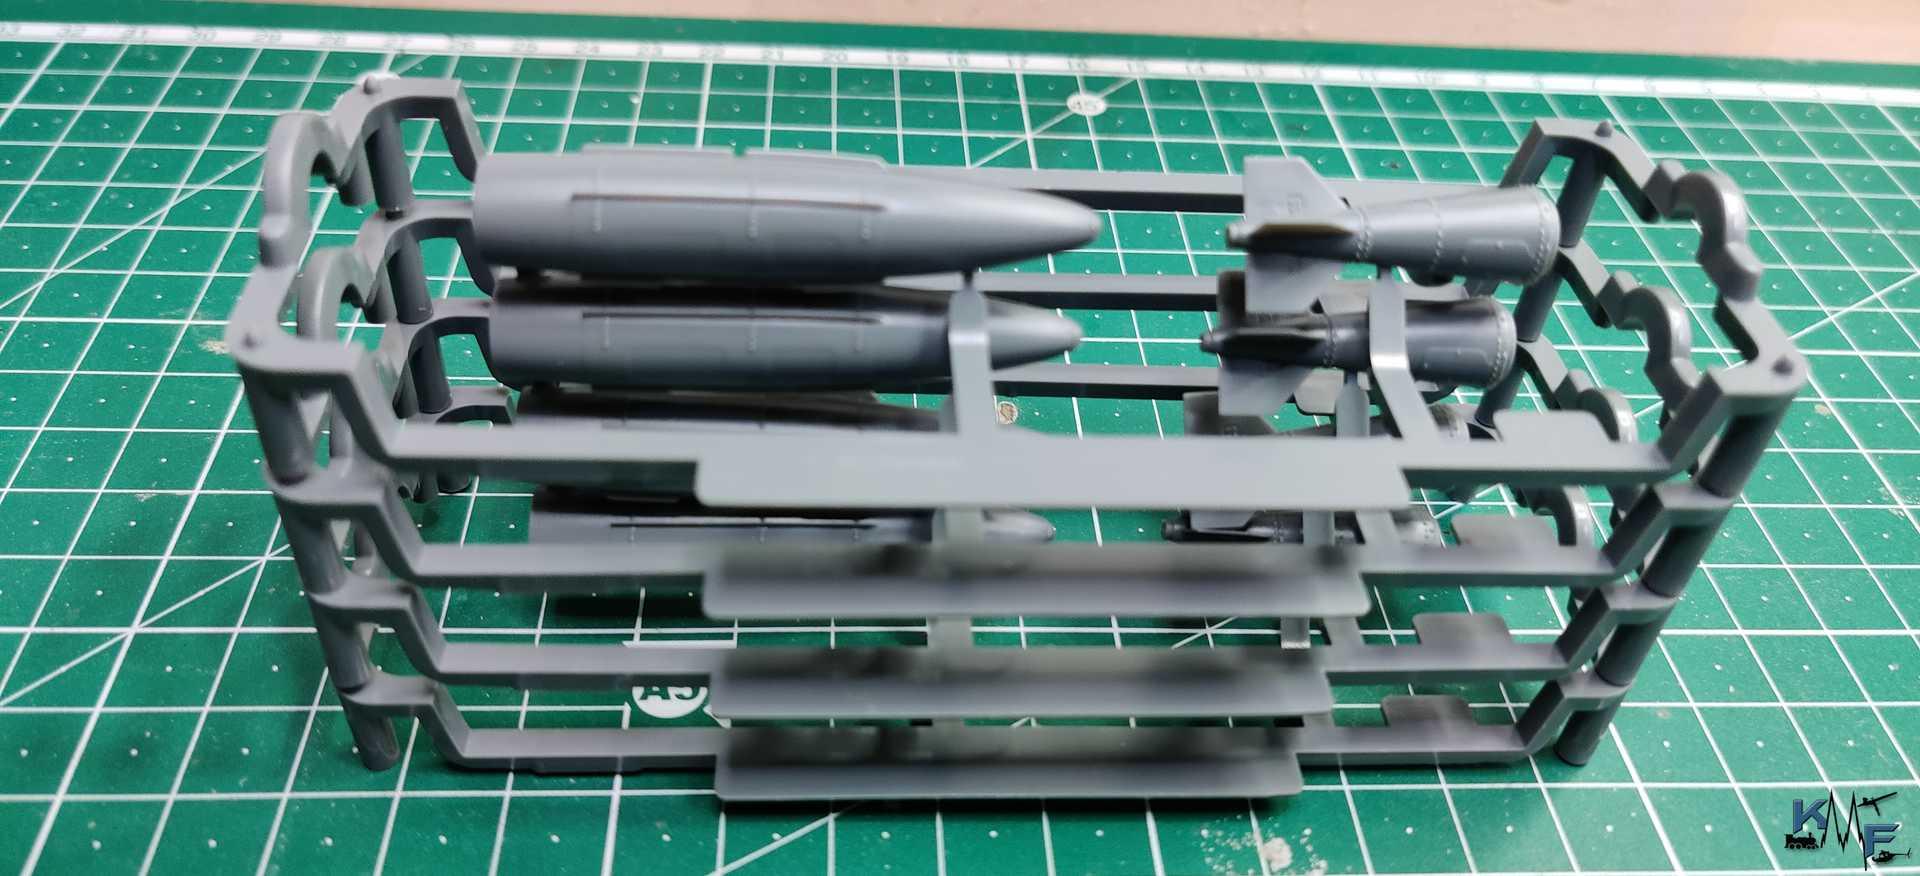 BV-AMK-F-14D_045.jpg